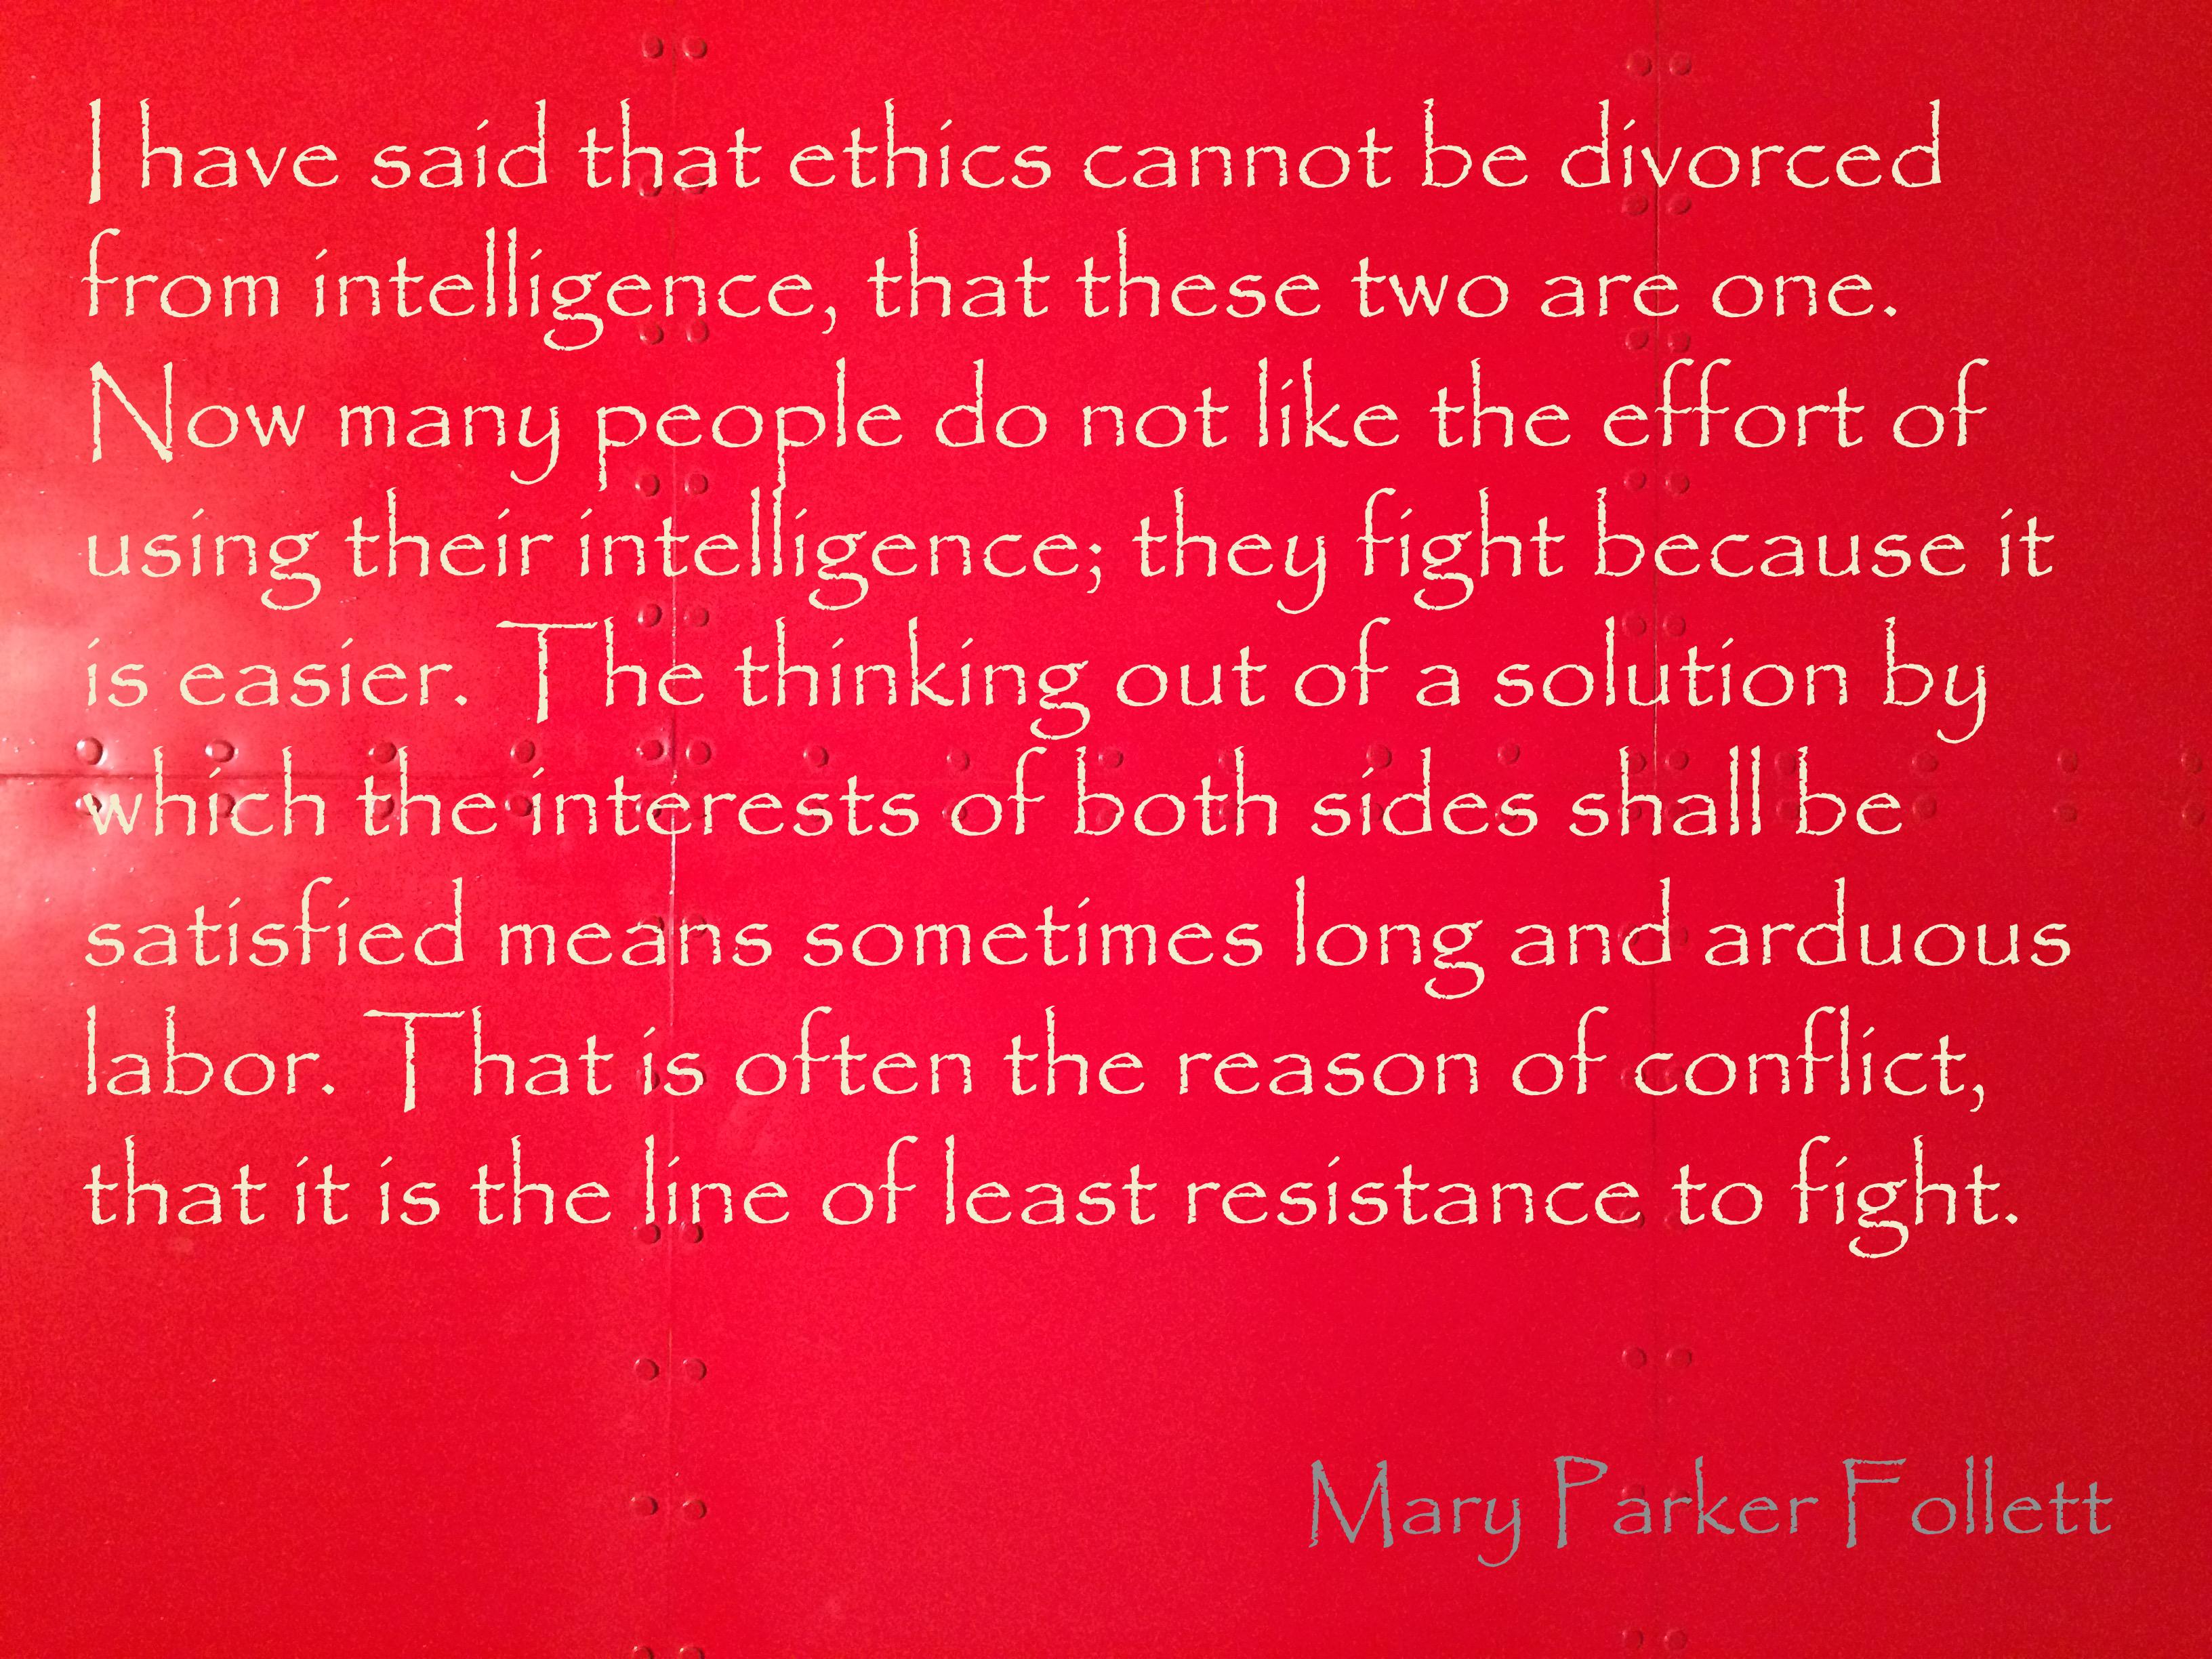 mgt-525-fight-versus-intelligence